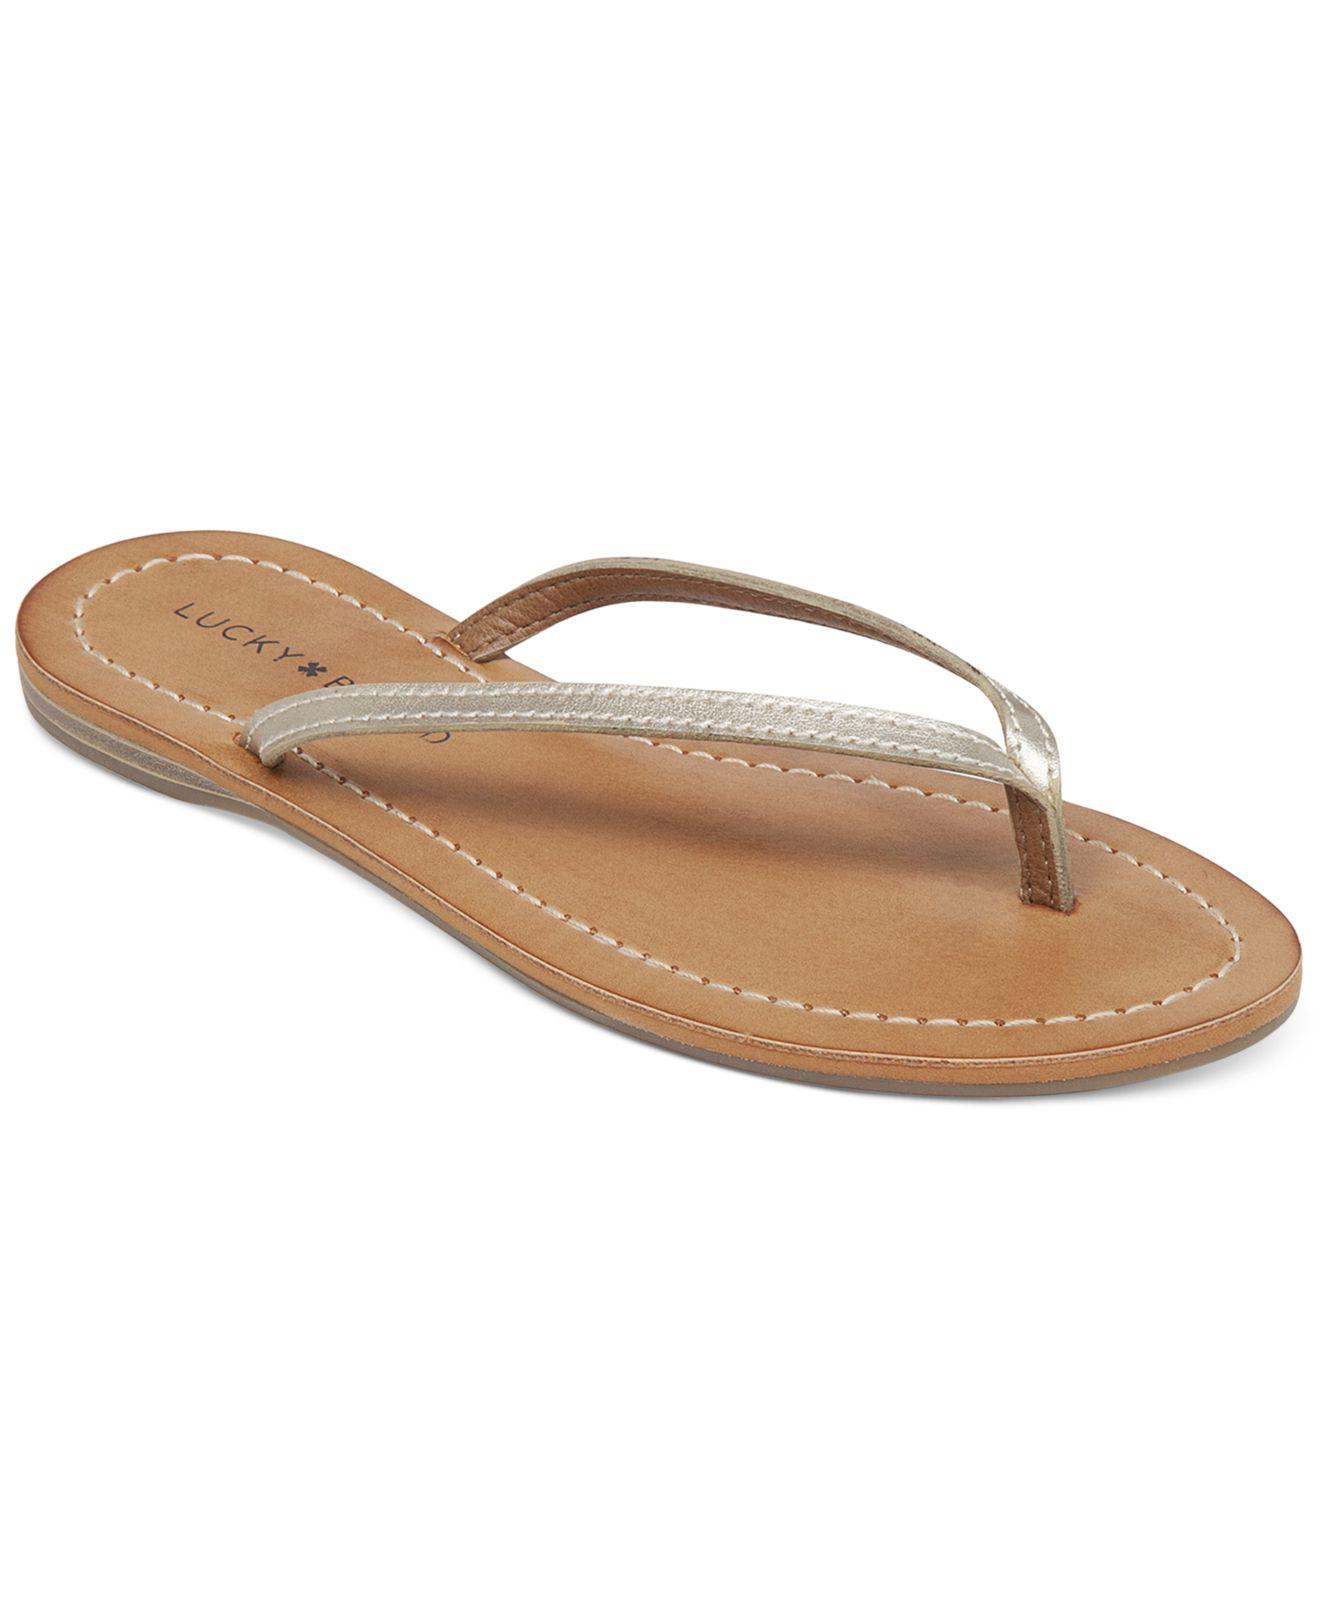 Roxy Silver Flip Flops